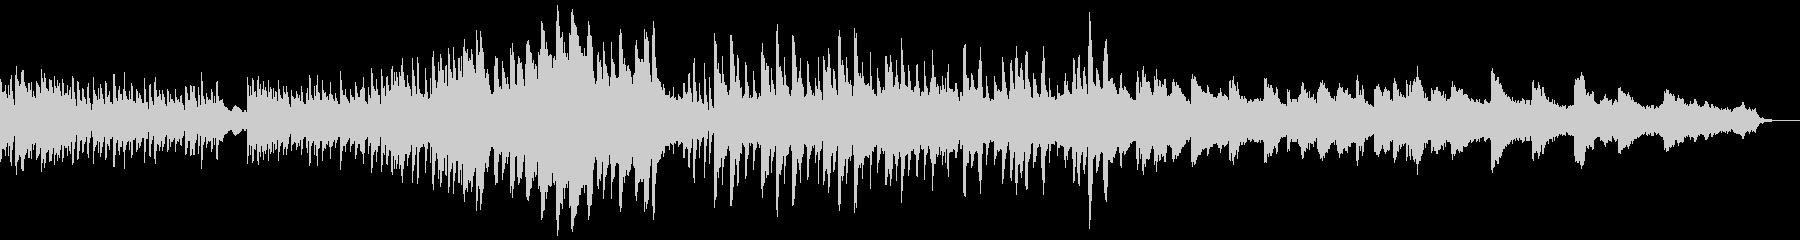 ピアノと弦楽器の幽玄な曲の未再生の波形